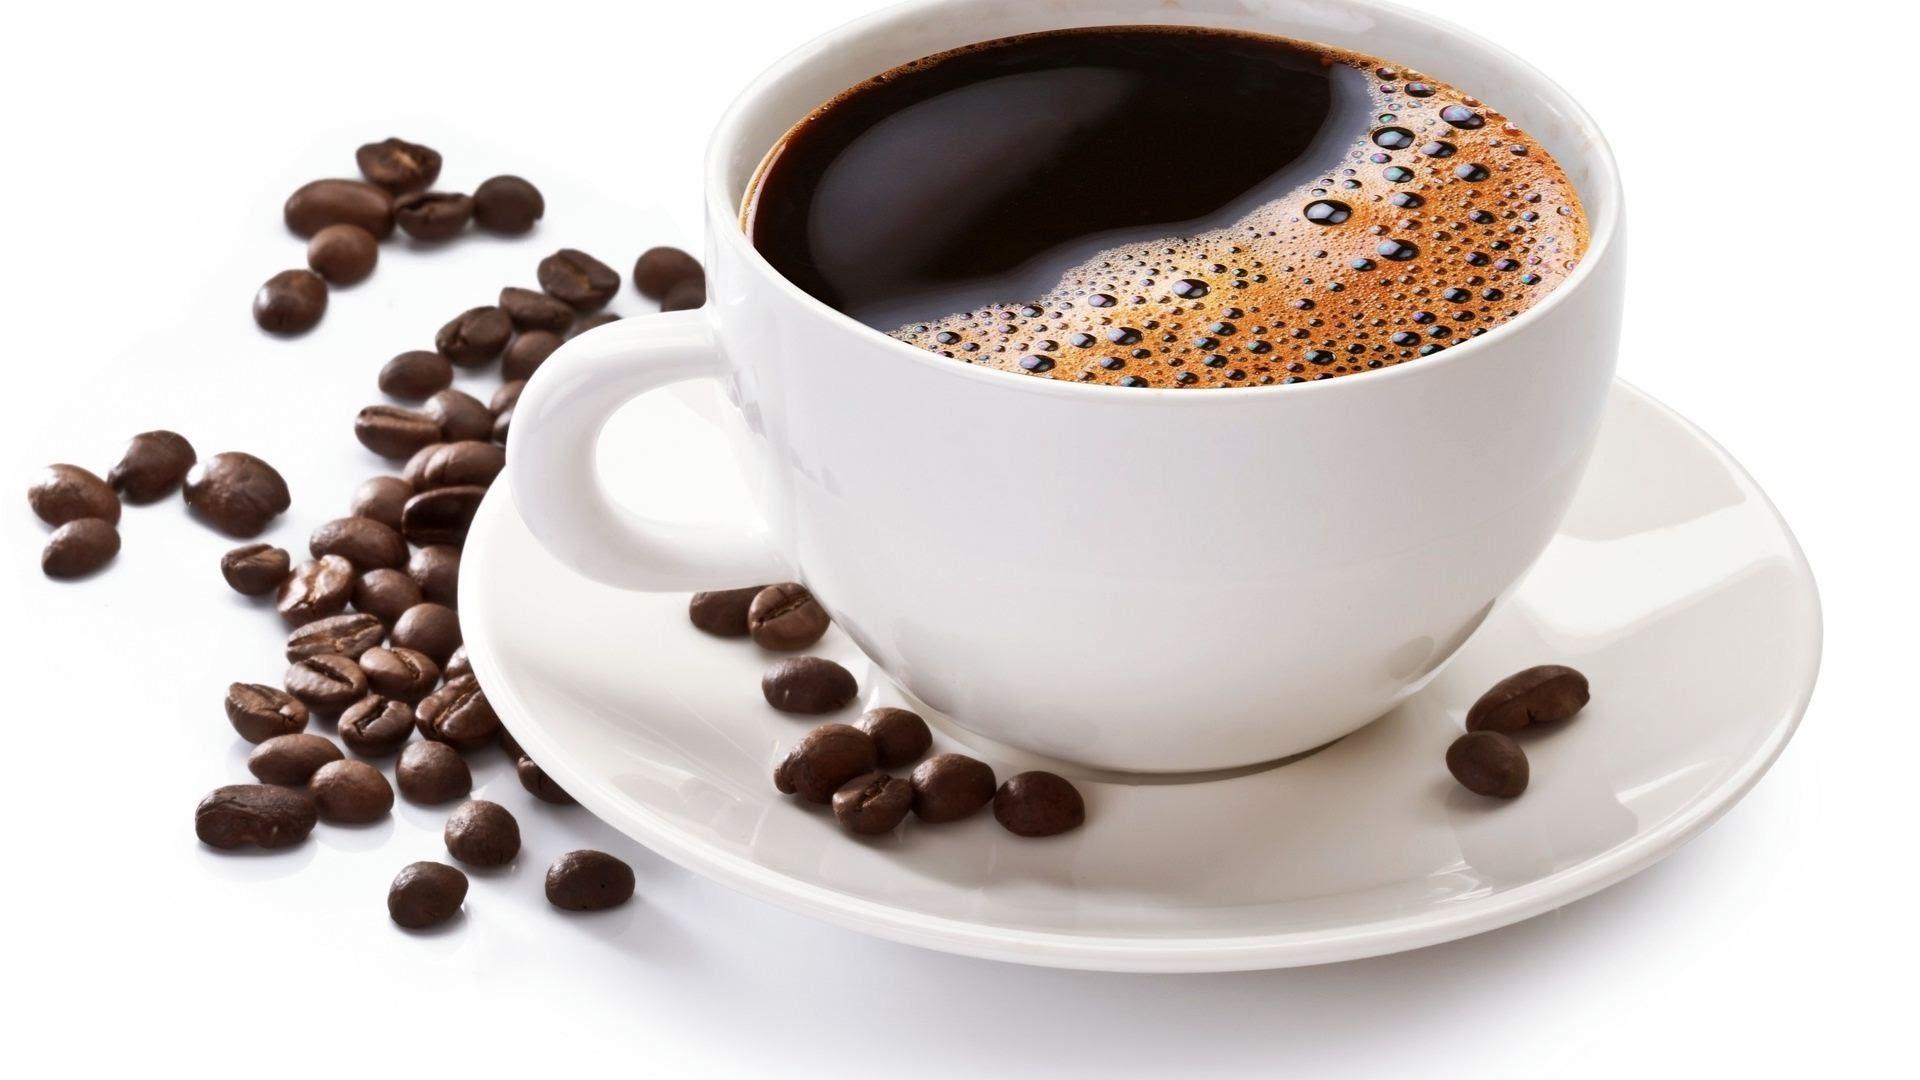 фото кружки кофе на столе